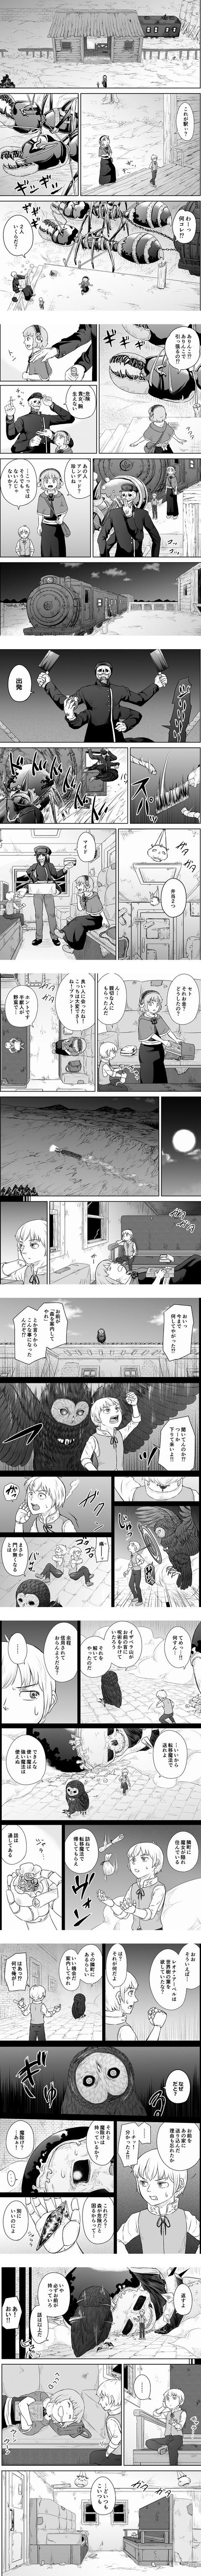 コミック_028-vert